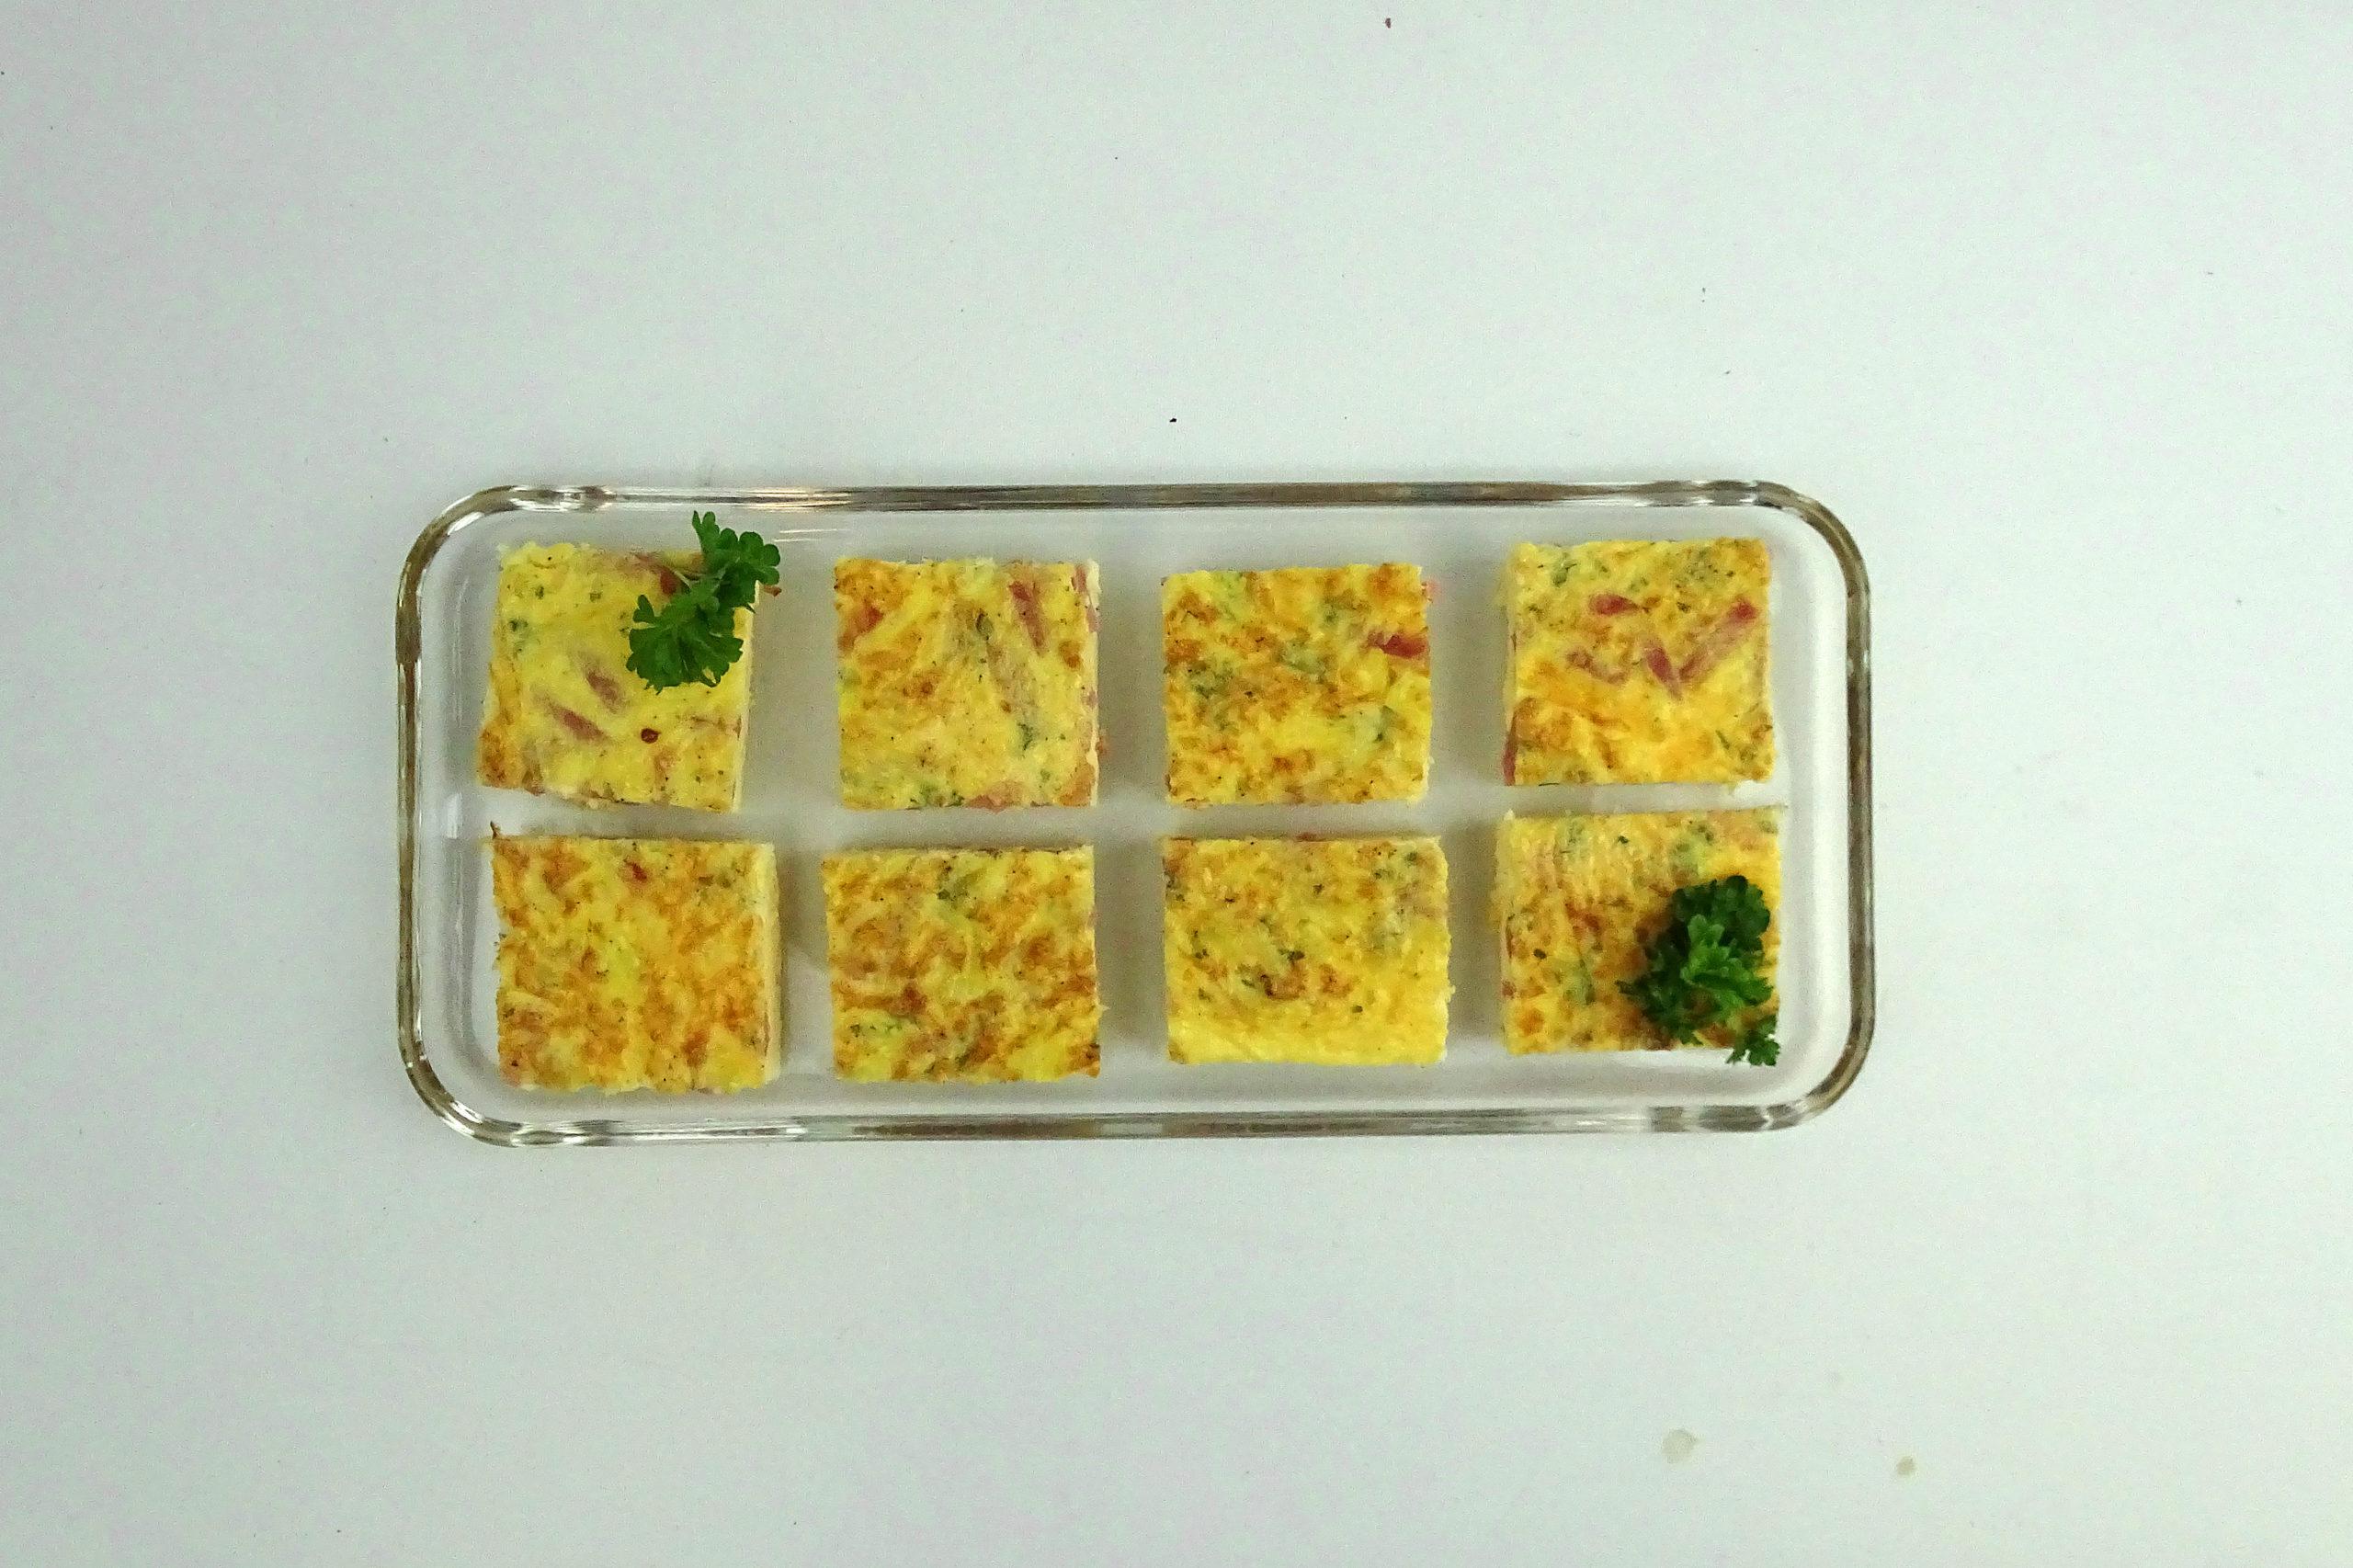 Munax tuo uutuudet heti valmiisiin kananmunamassoihin